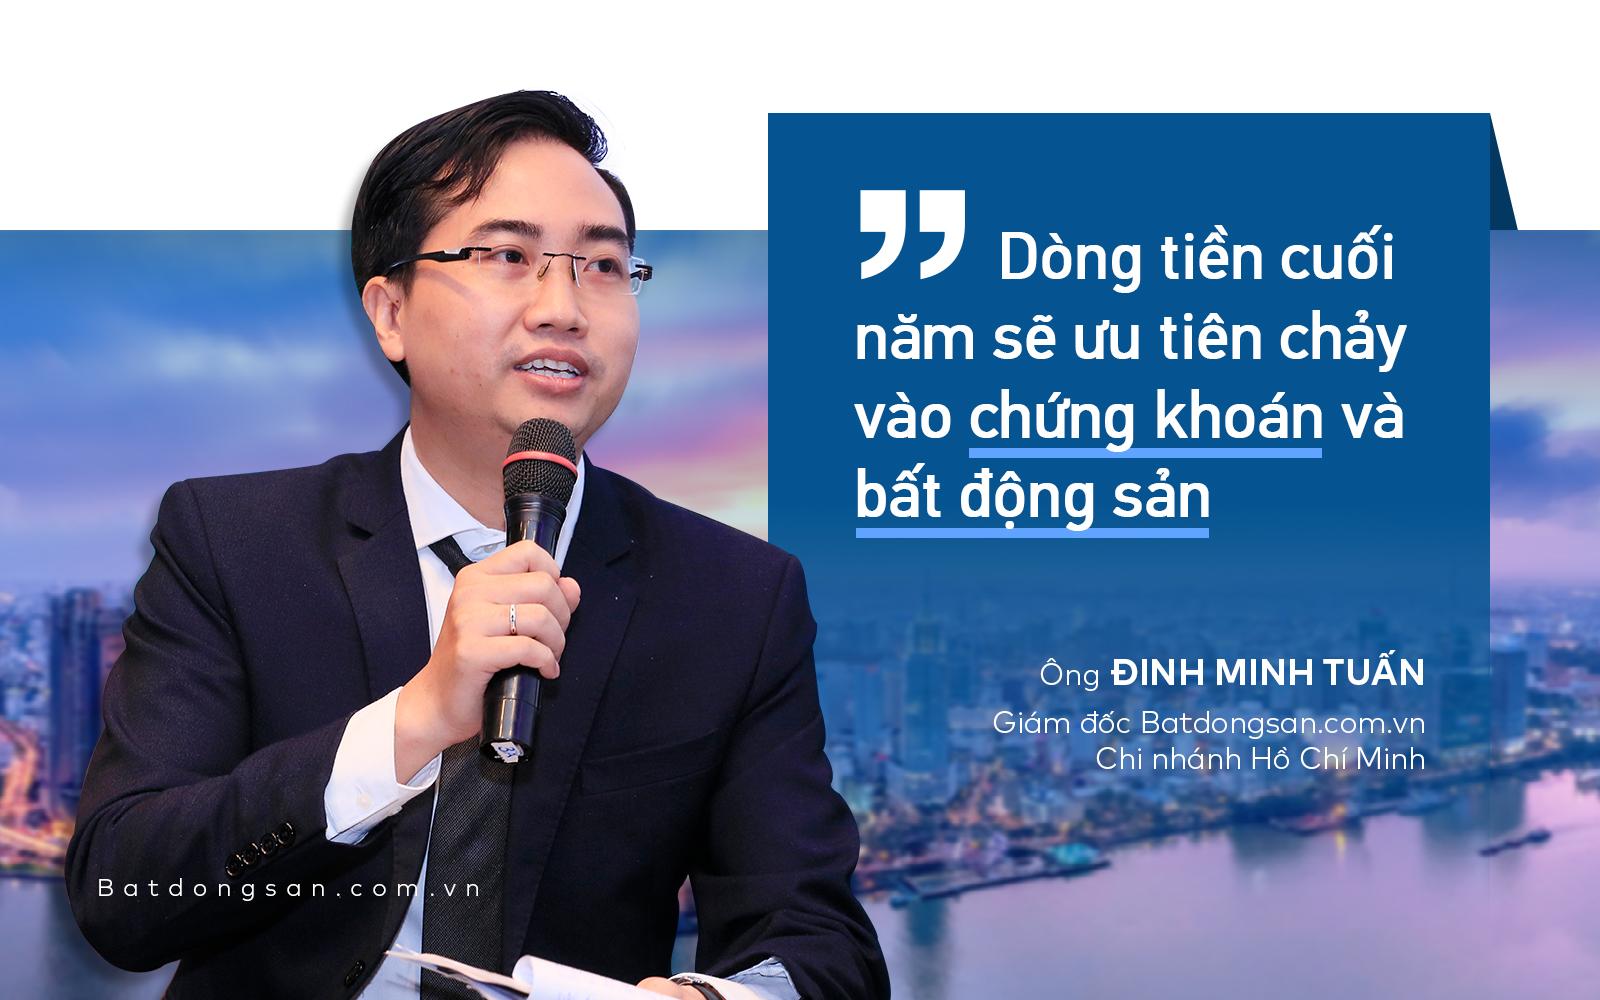 ông Đinh Minh Tuấn nhận định về dòng tiền đầu tư bất động sản